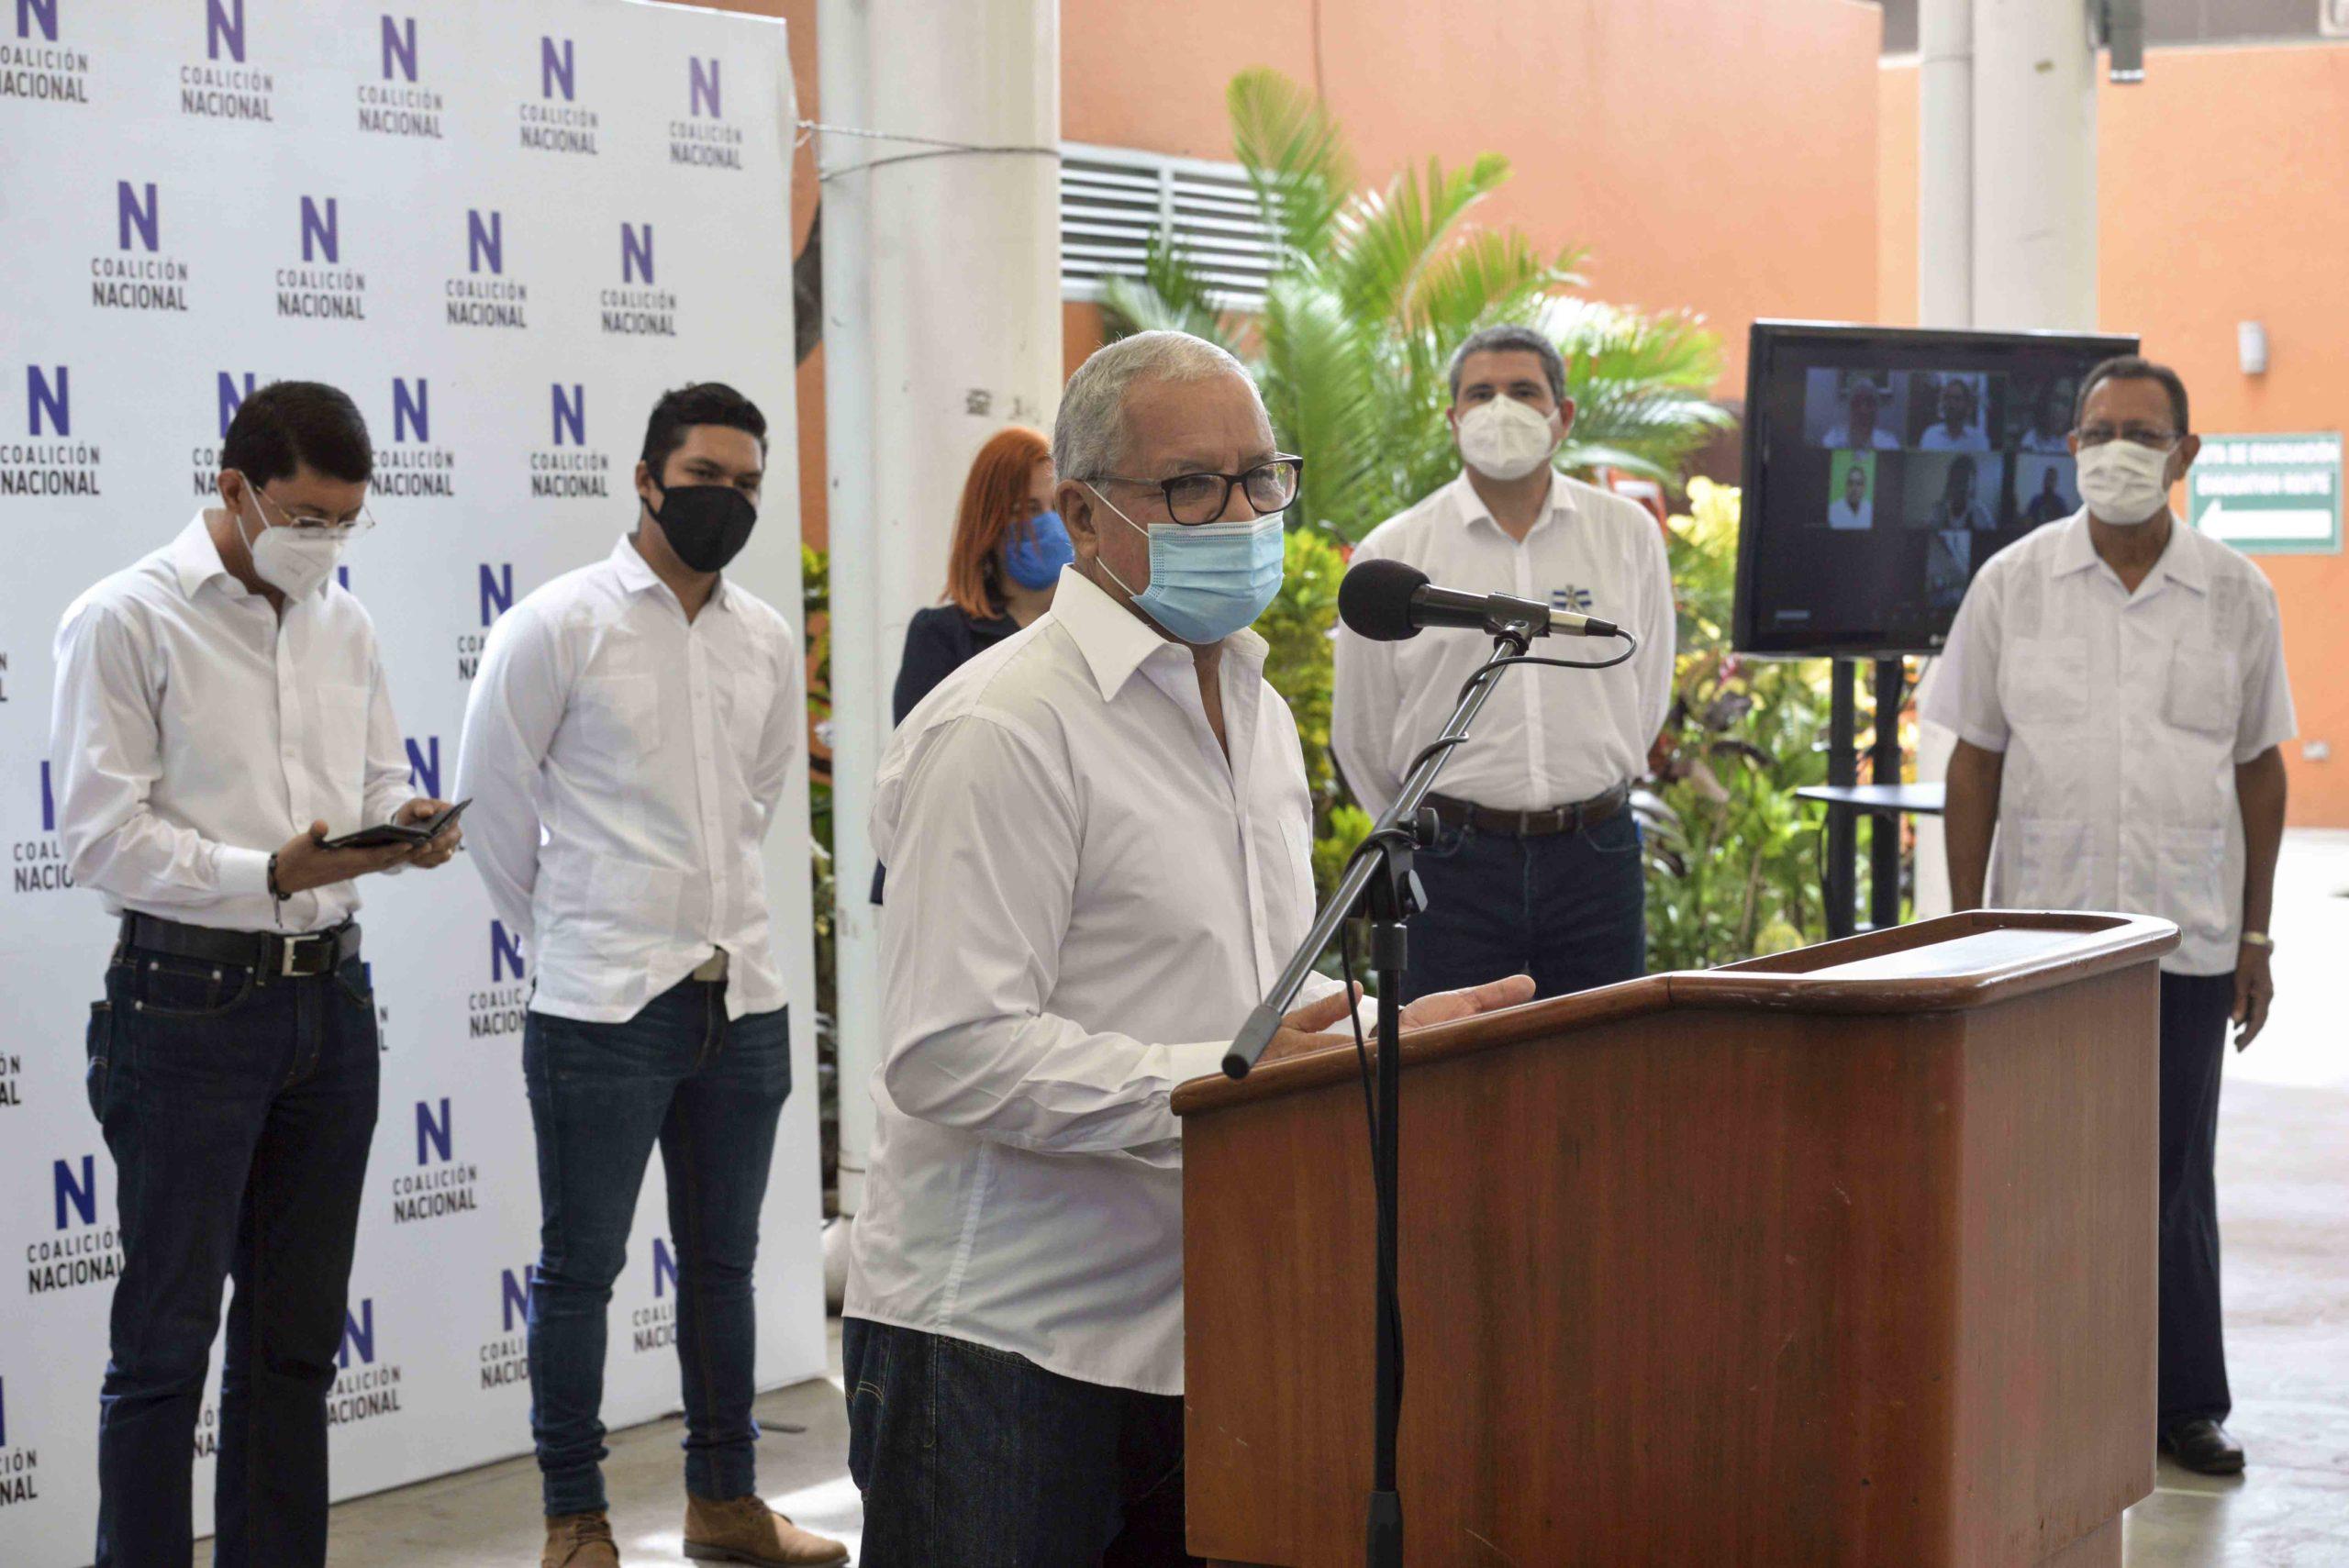 Medardo Mairena, Movimiento Campesino, Coalición Nacional, Alianza Cívica, UNAB, dictadura, Nicaragua